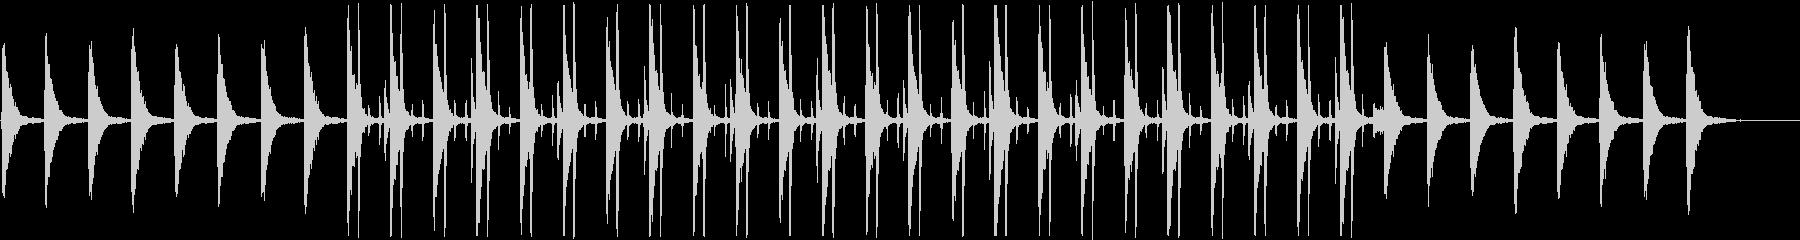 シンプルで切ない雰囲気のピアノとドラムの未再生の波形